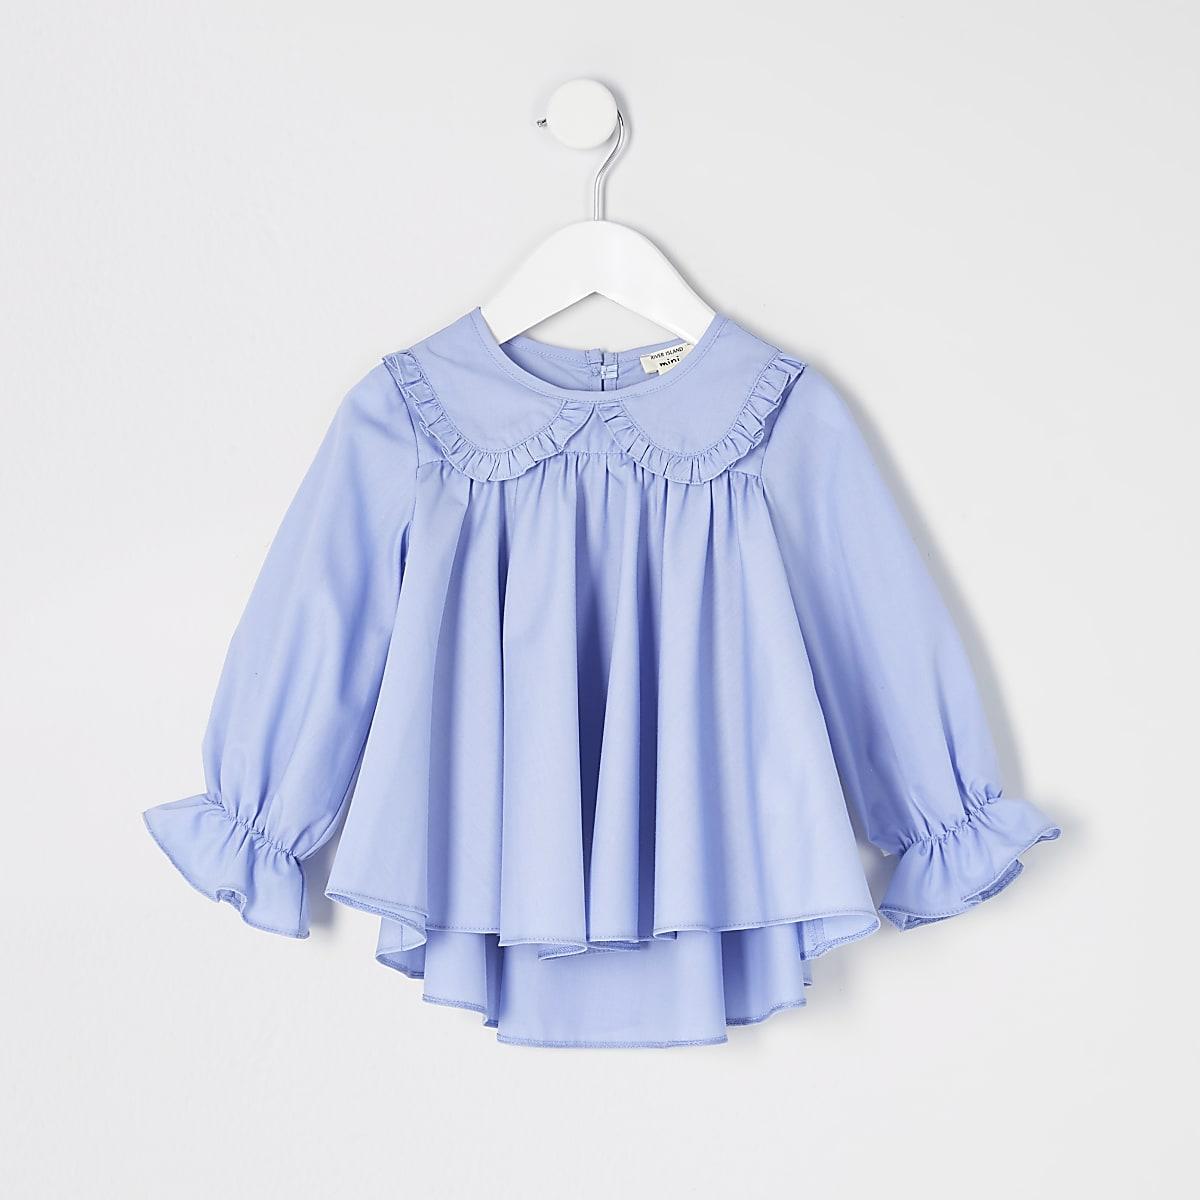 Mini - Blauwe poplin top met ruches aan de kraag voor meisjes